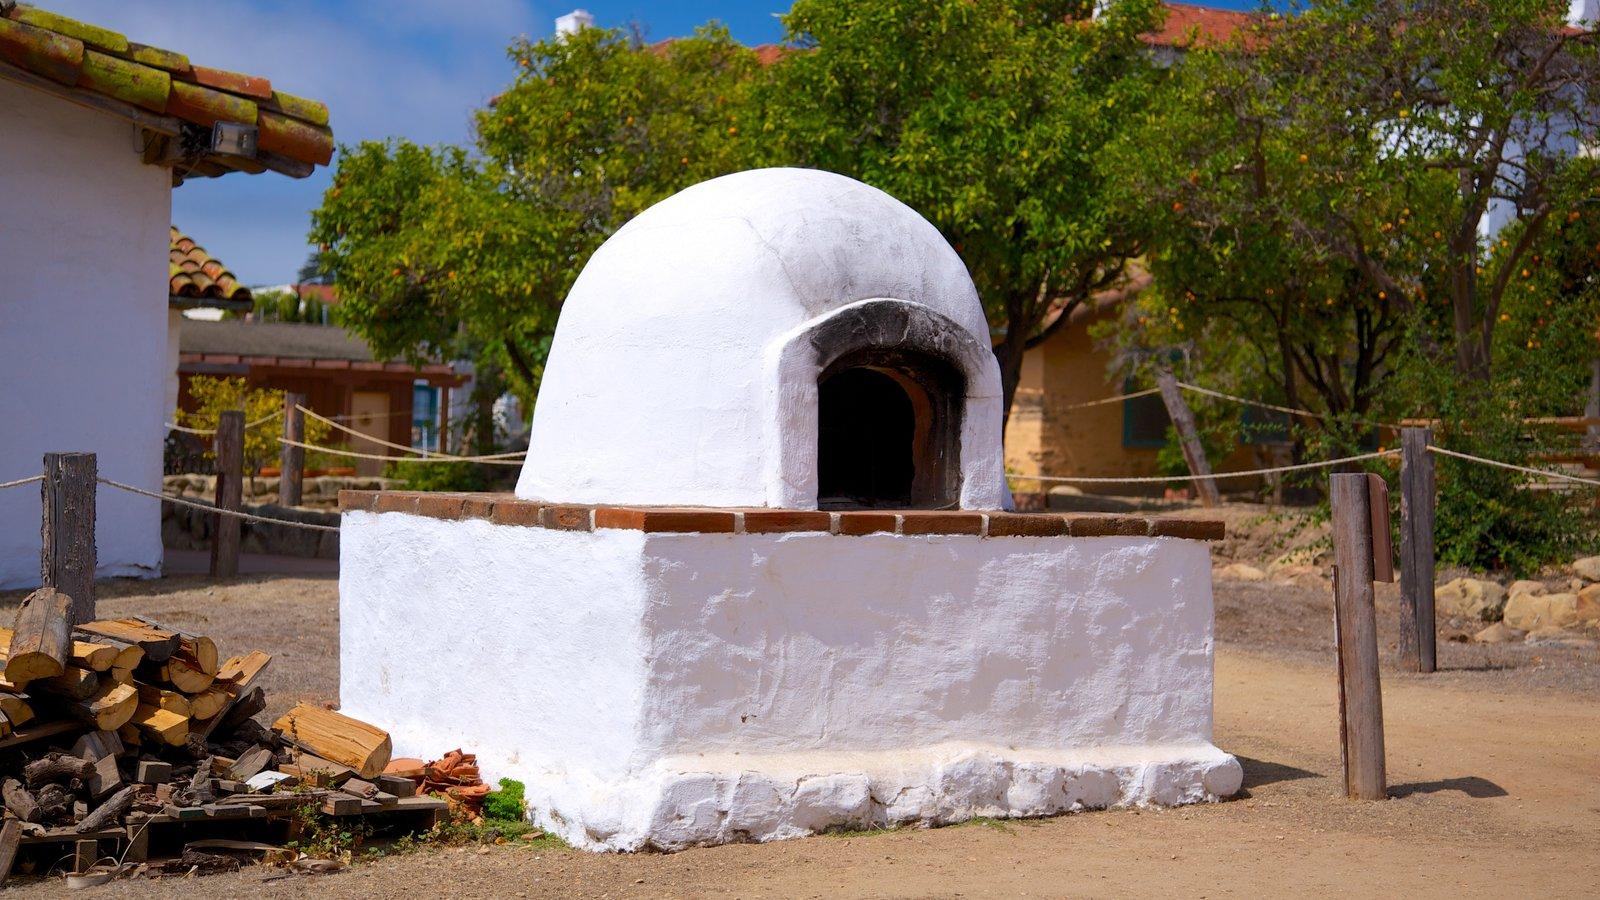 El Presidio de Santa Barbara State Historic Park mostrando elementos de patrimônio